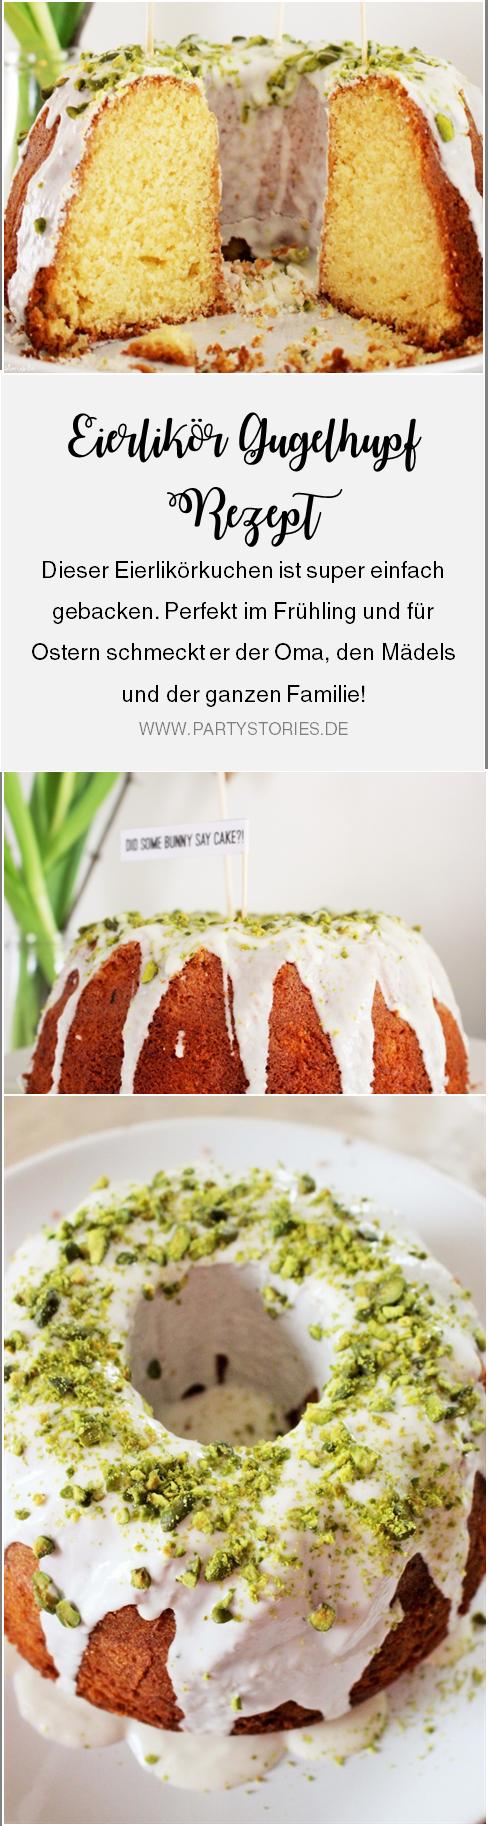 Eierlikör Kuchen Rezept, dieser einfache Eierlikör-Gugelhupf schmeckt besonders gut im Frühling und an Ostern; gefunden auf www.partystories.de